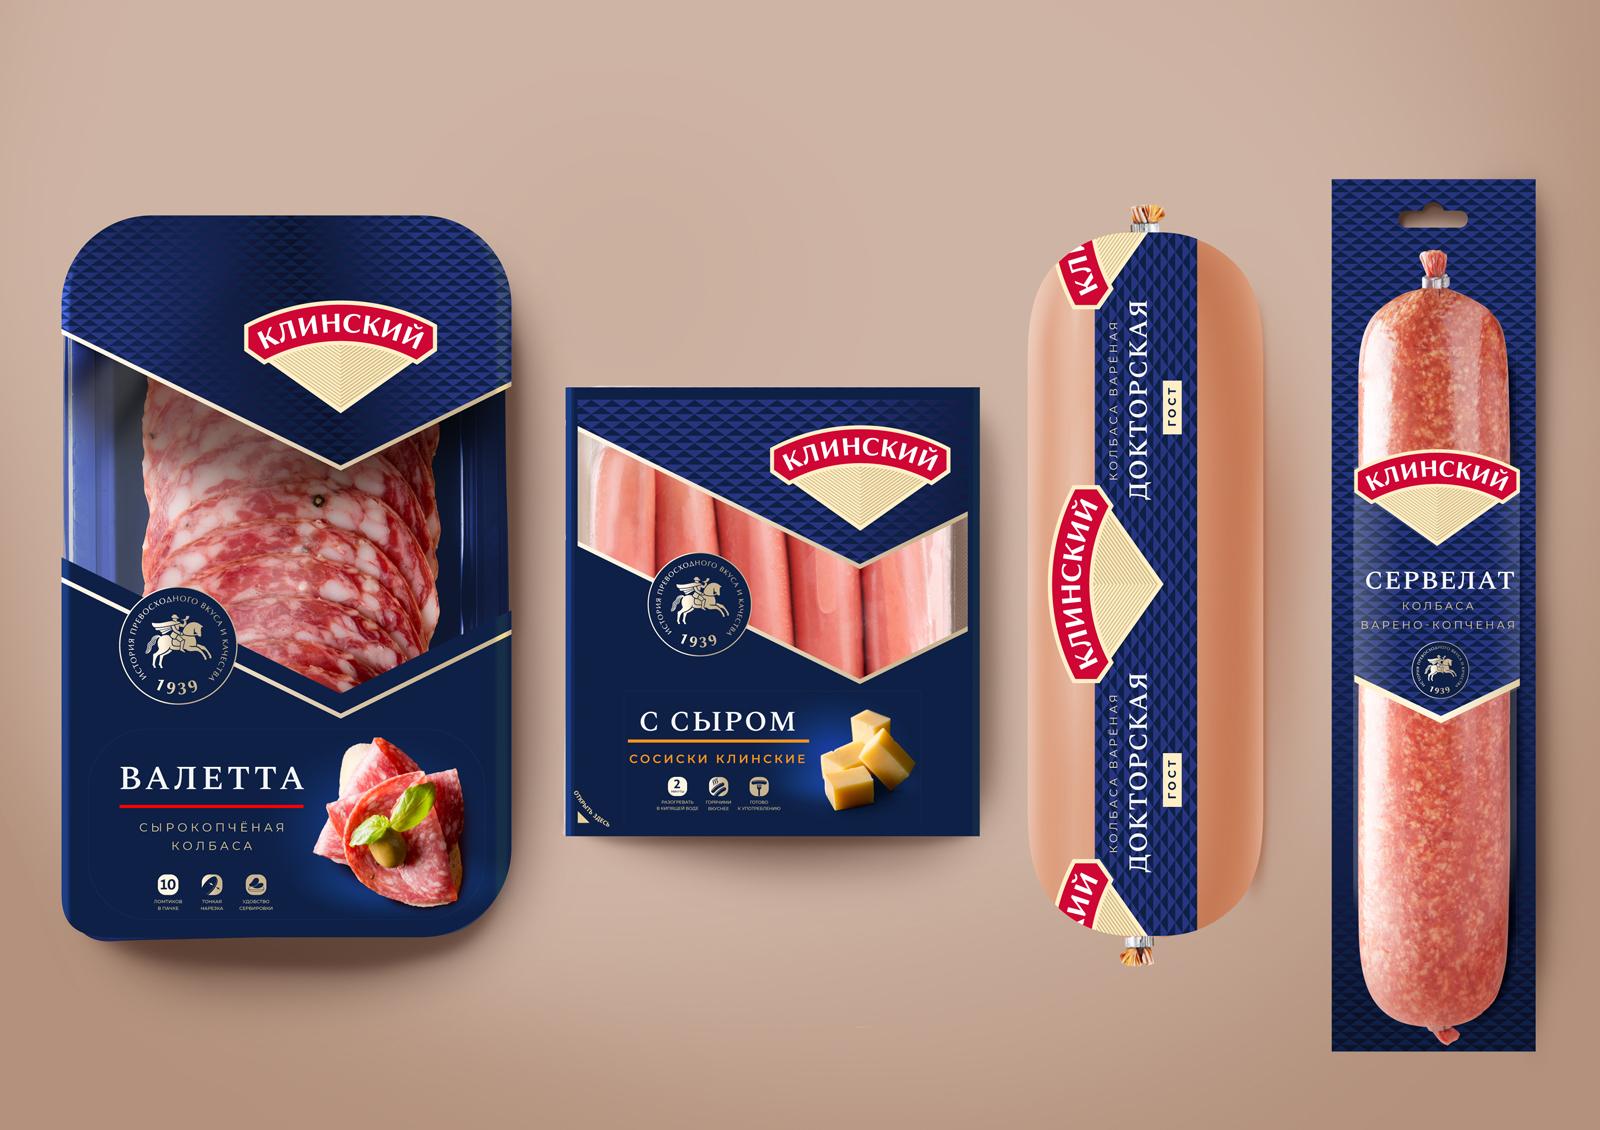 Концепция обновленного дизайна упаковки и этикетки «Клинский» позволяет объединить весь ассортимент продукции